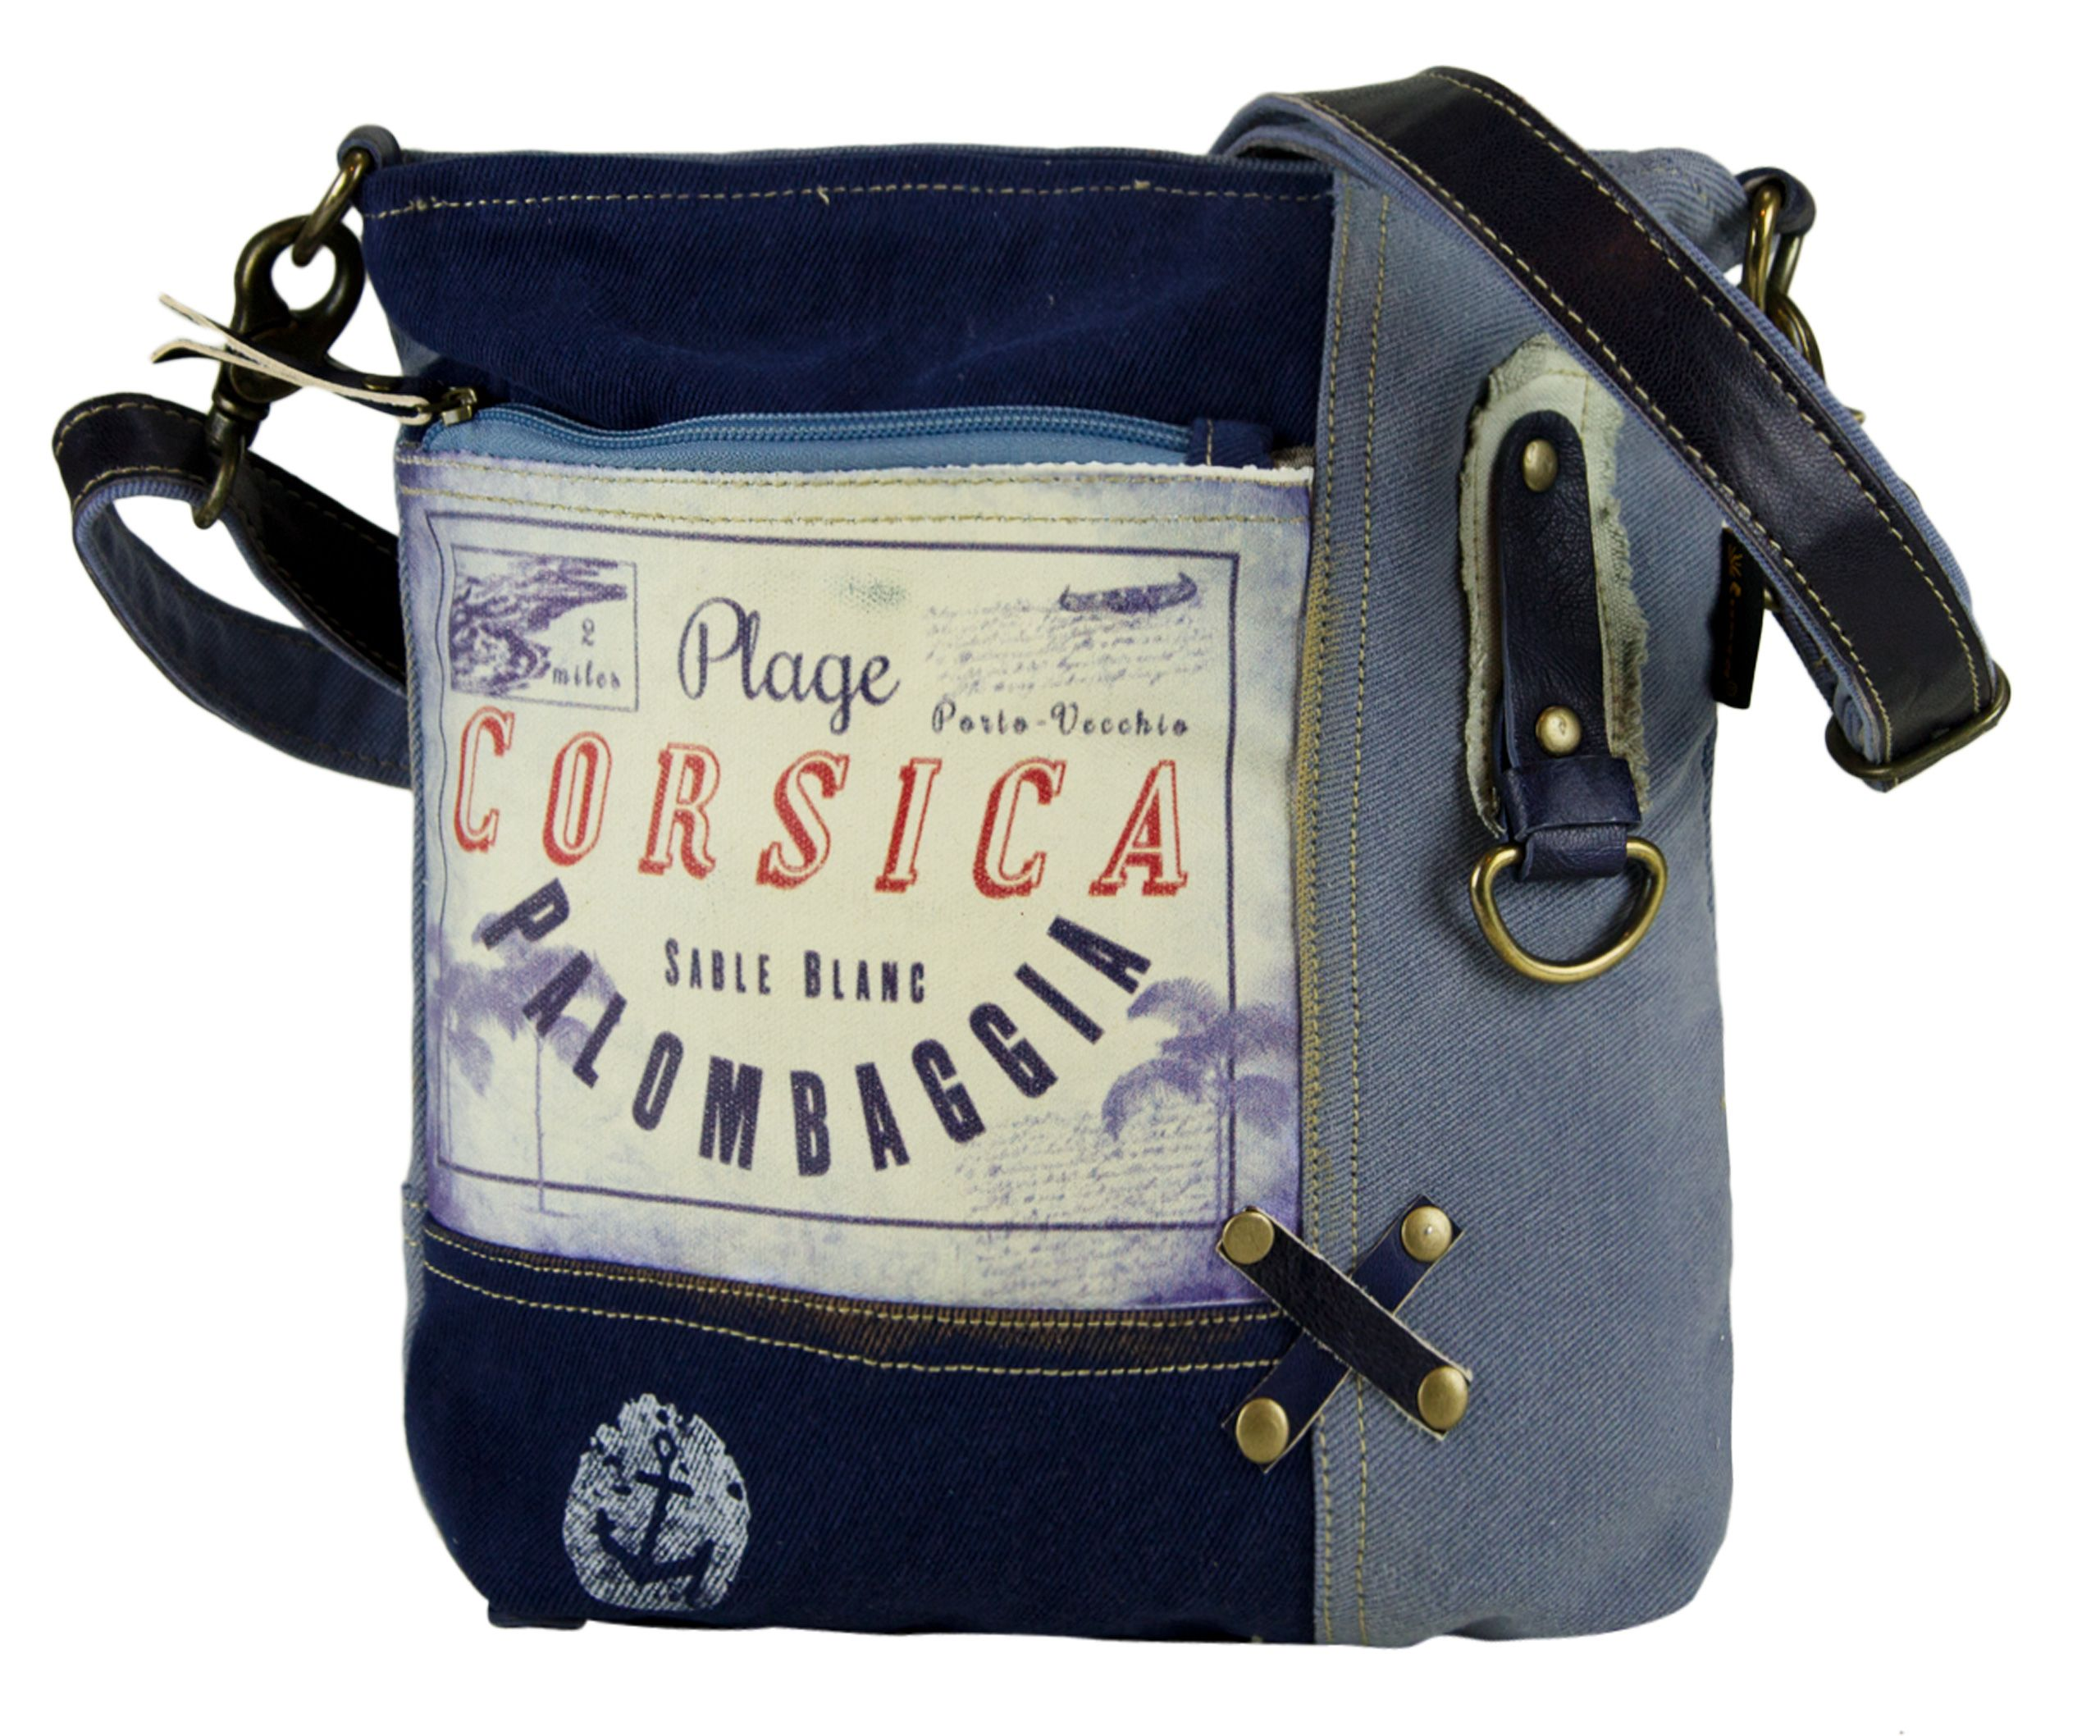 ef6a6d6946652 Taschen   Geldbeutel. Kleine Sunsa Umhängetasche in schönen blau tönen mit  tollem Corsica Aufdruck.